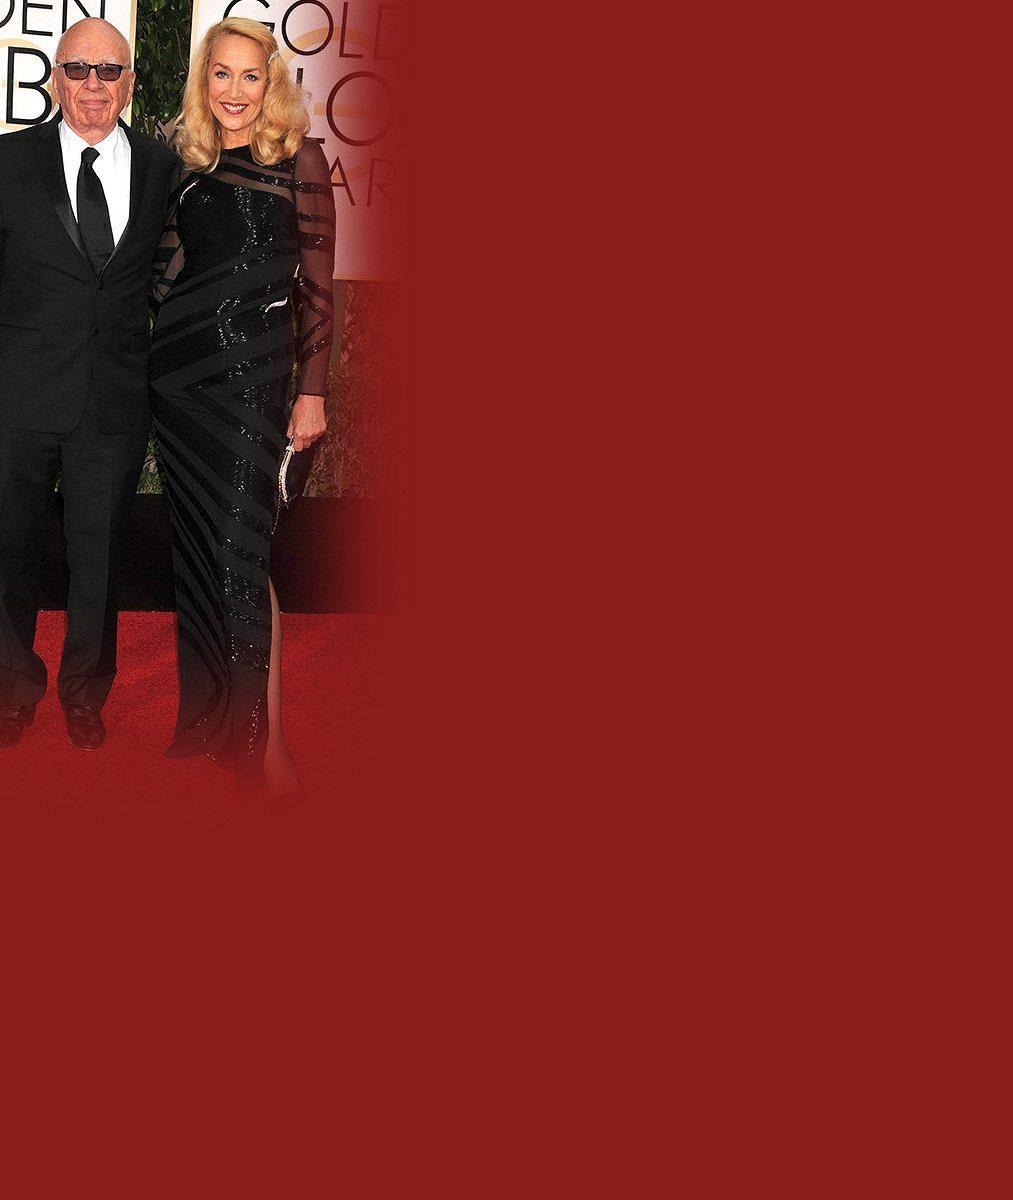 Tenhle diamant se pronese: Jerry Hall (59) poprvé ukázala zásnubní skvost od miliardáře Murdocha (84)